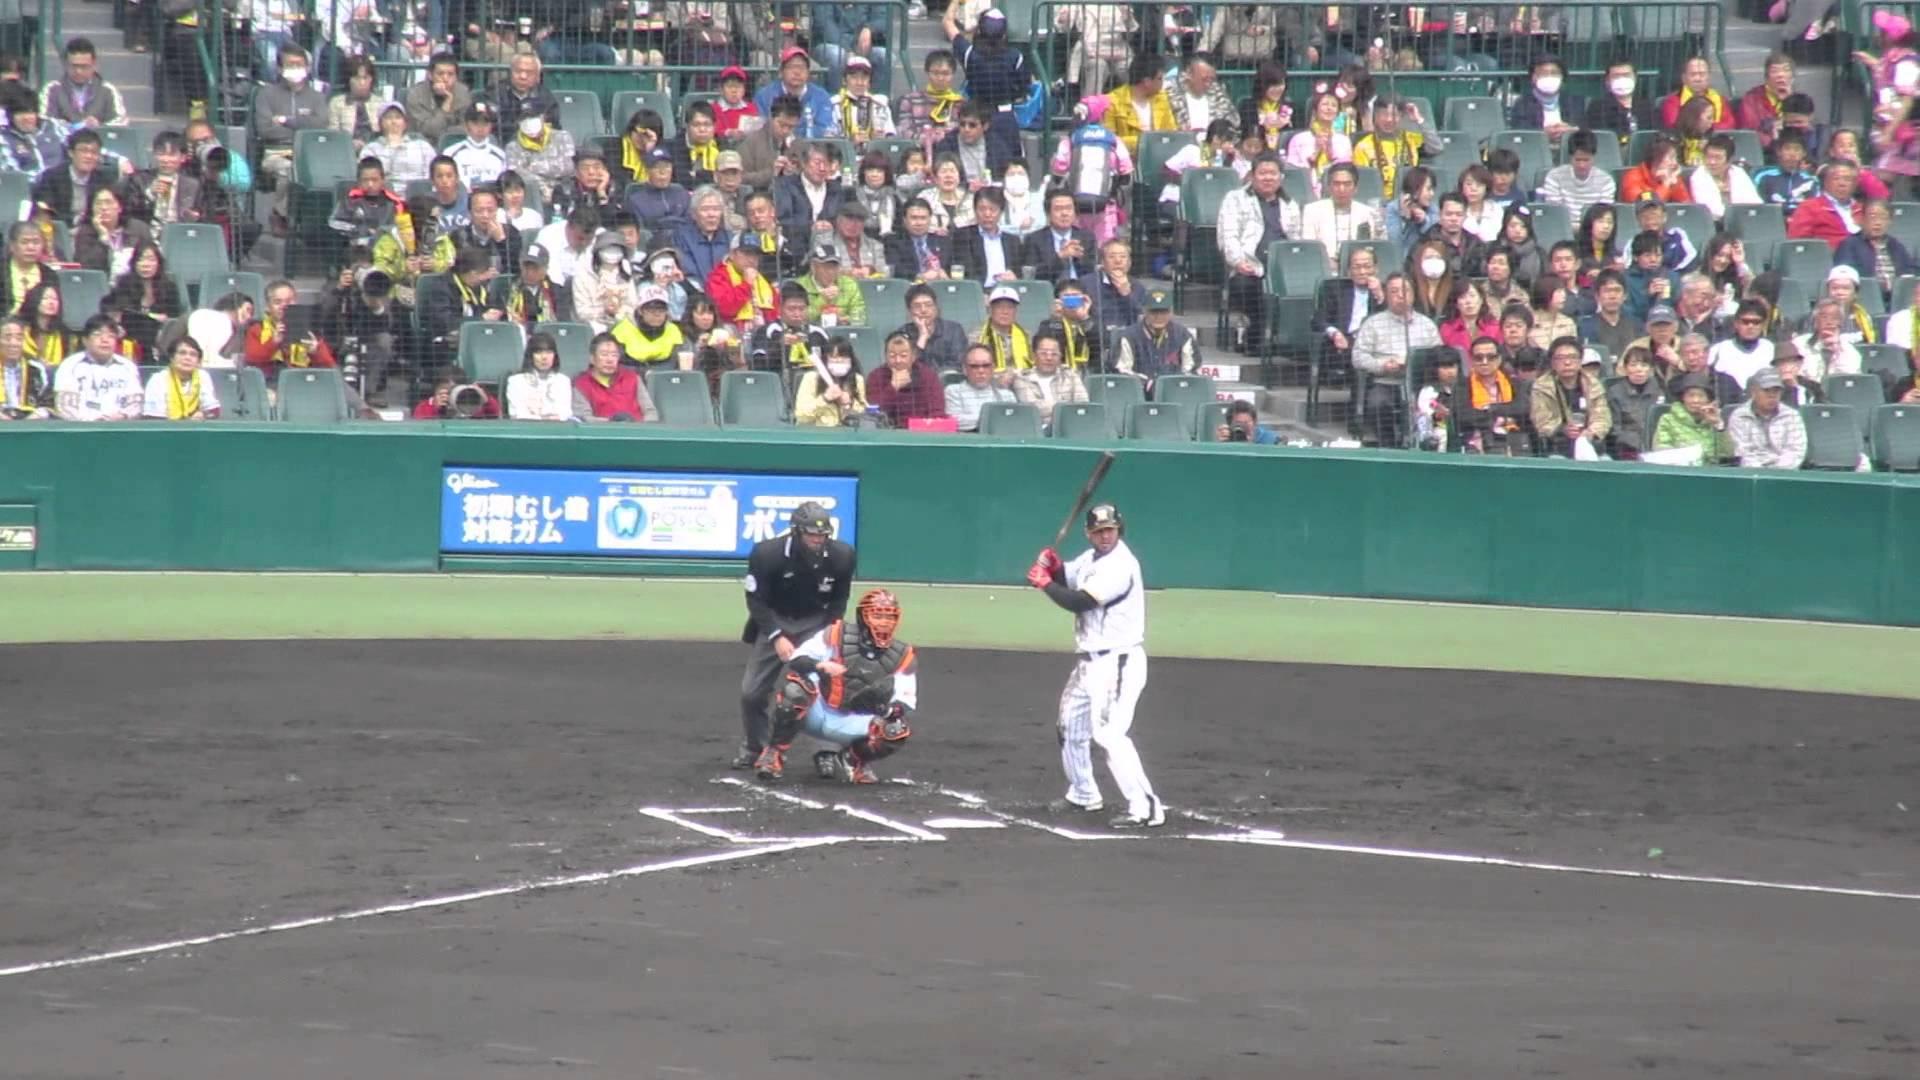 【阪神】ゴメス5 ヒッティングマーチ!